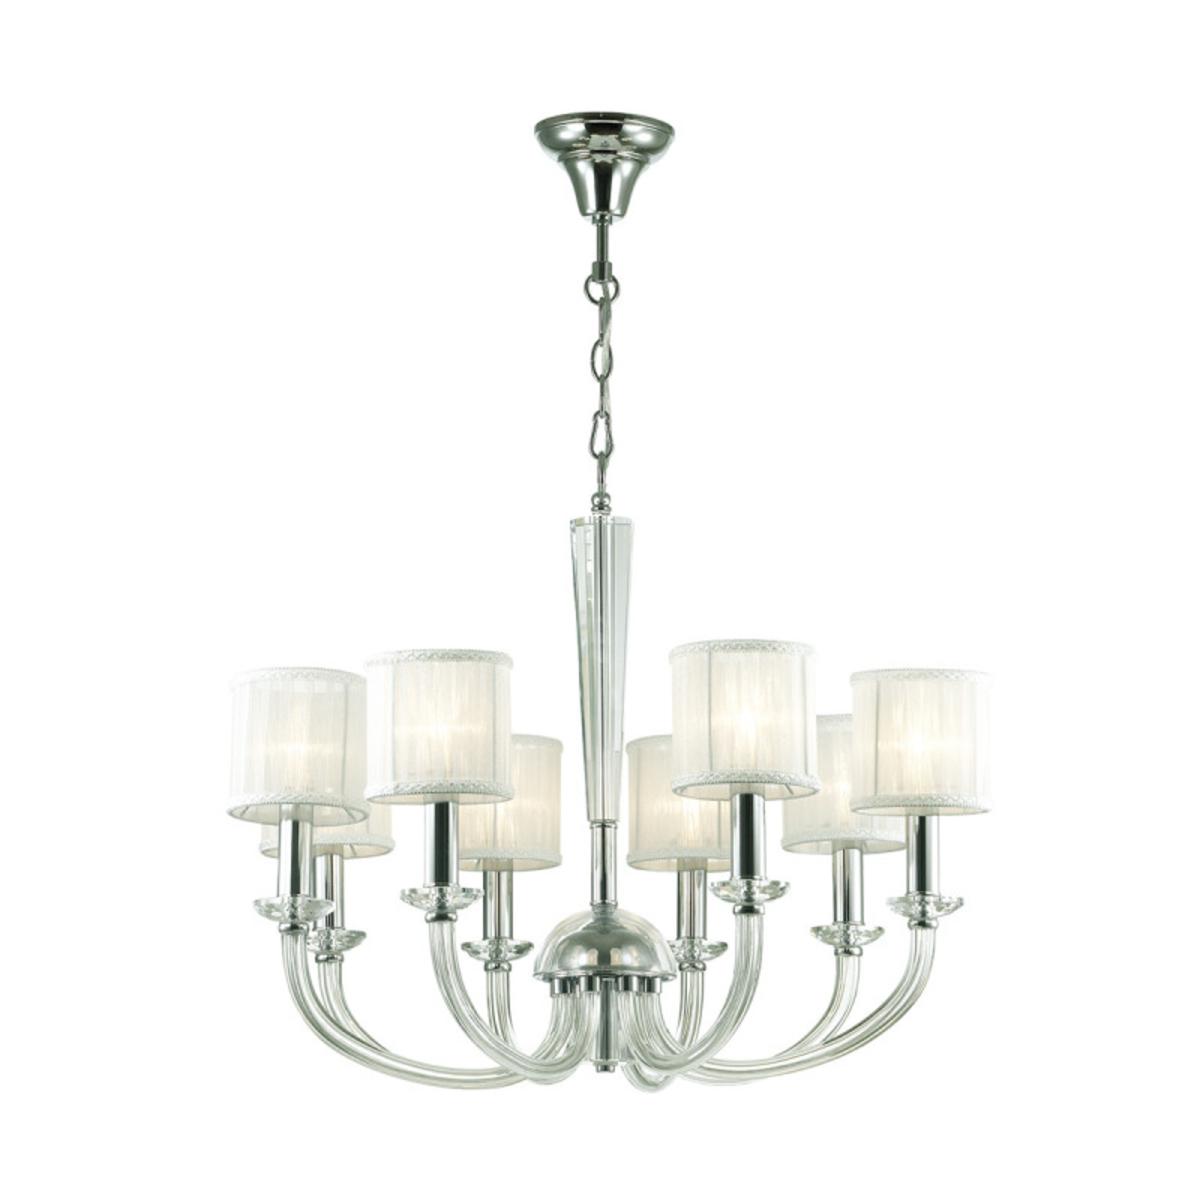 Купить Подвесная люстра MALLE Подвесная люстра Odeon Light 4197/8 (15516), HomeMe